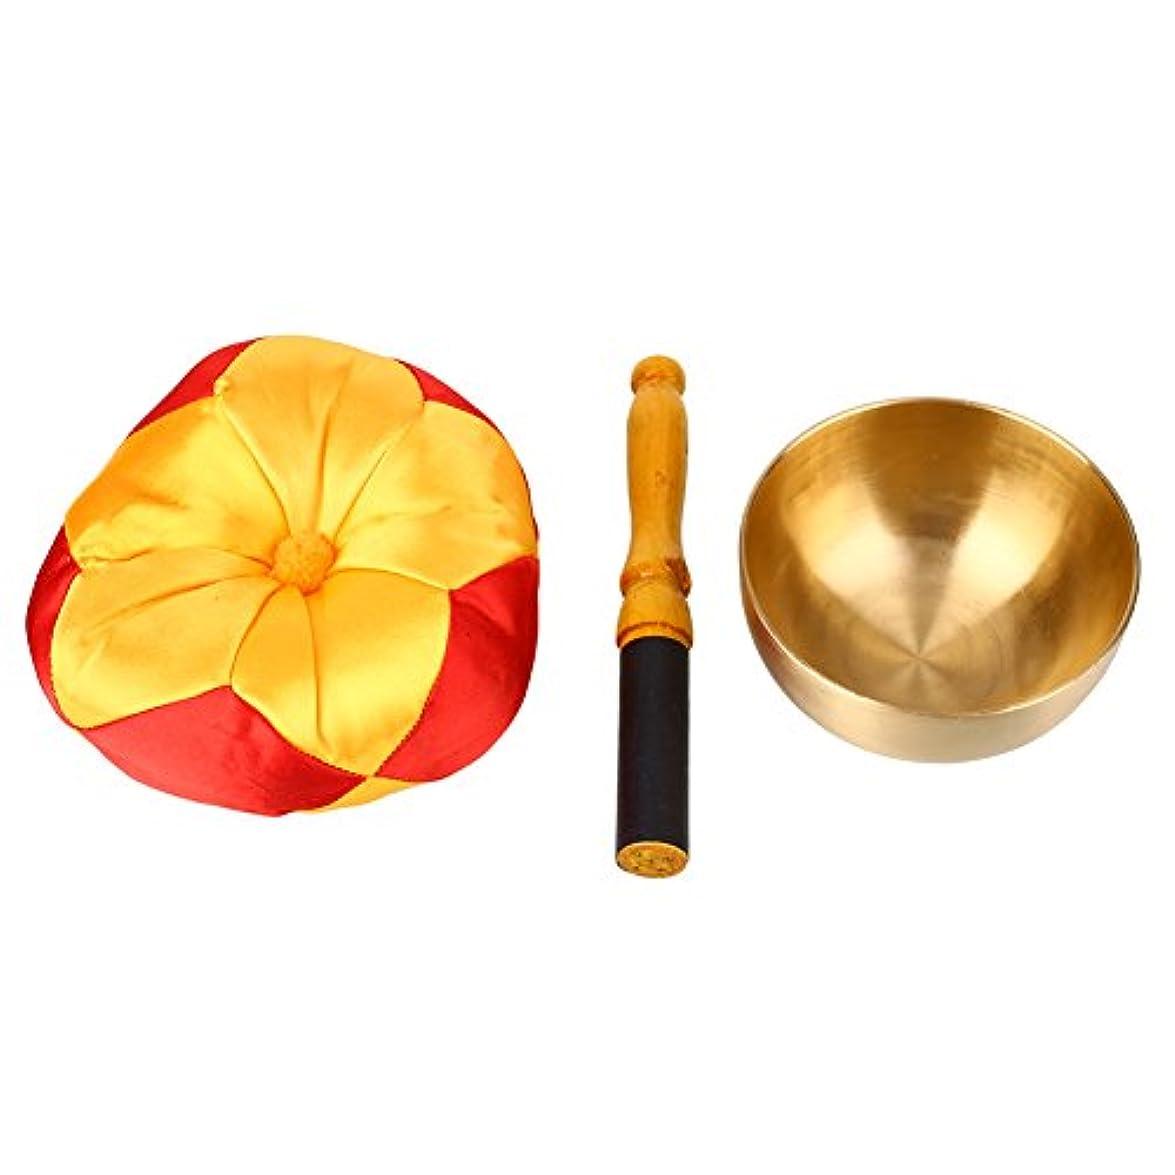 実施する君主失礼SHUNYUS クッション付き リラクゼーション 仏教 ボウル シンキング 瞑想 ベル メタル